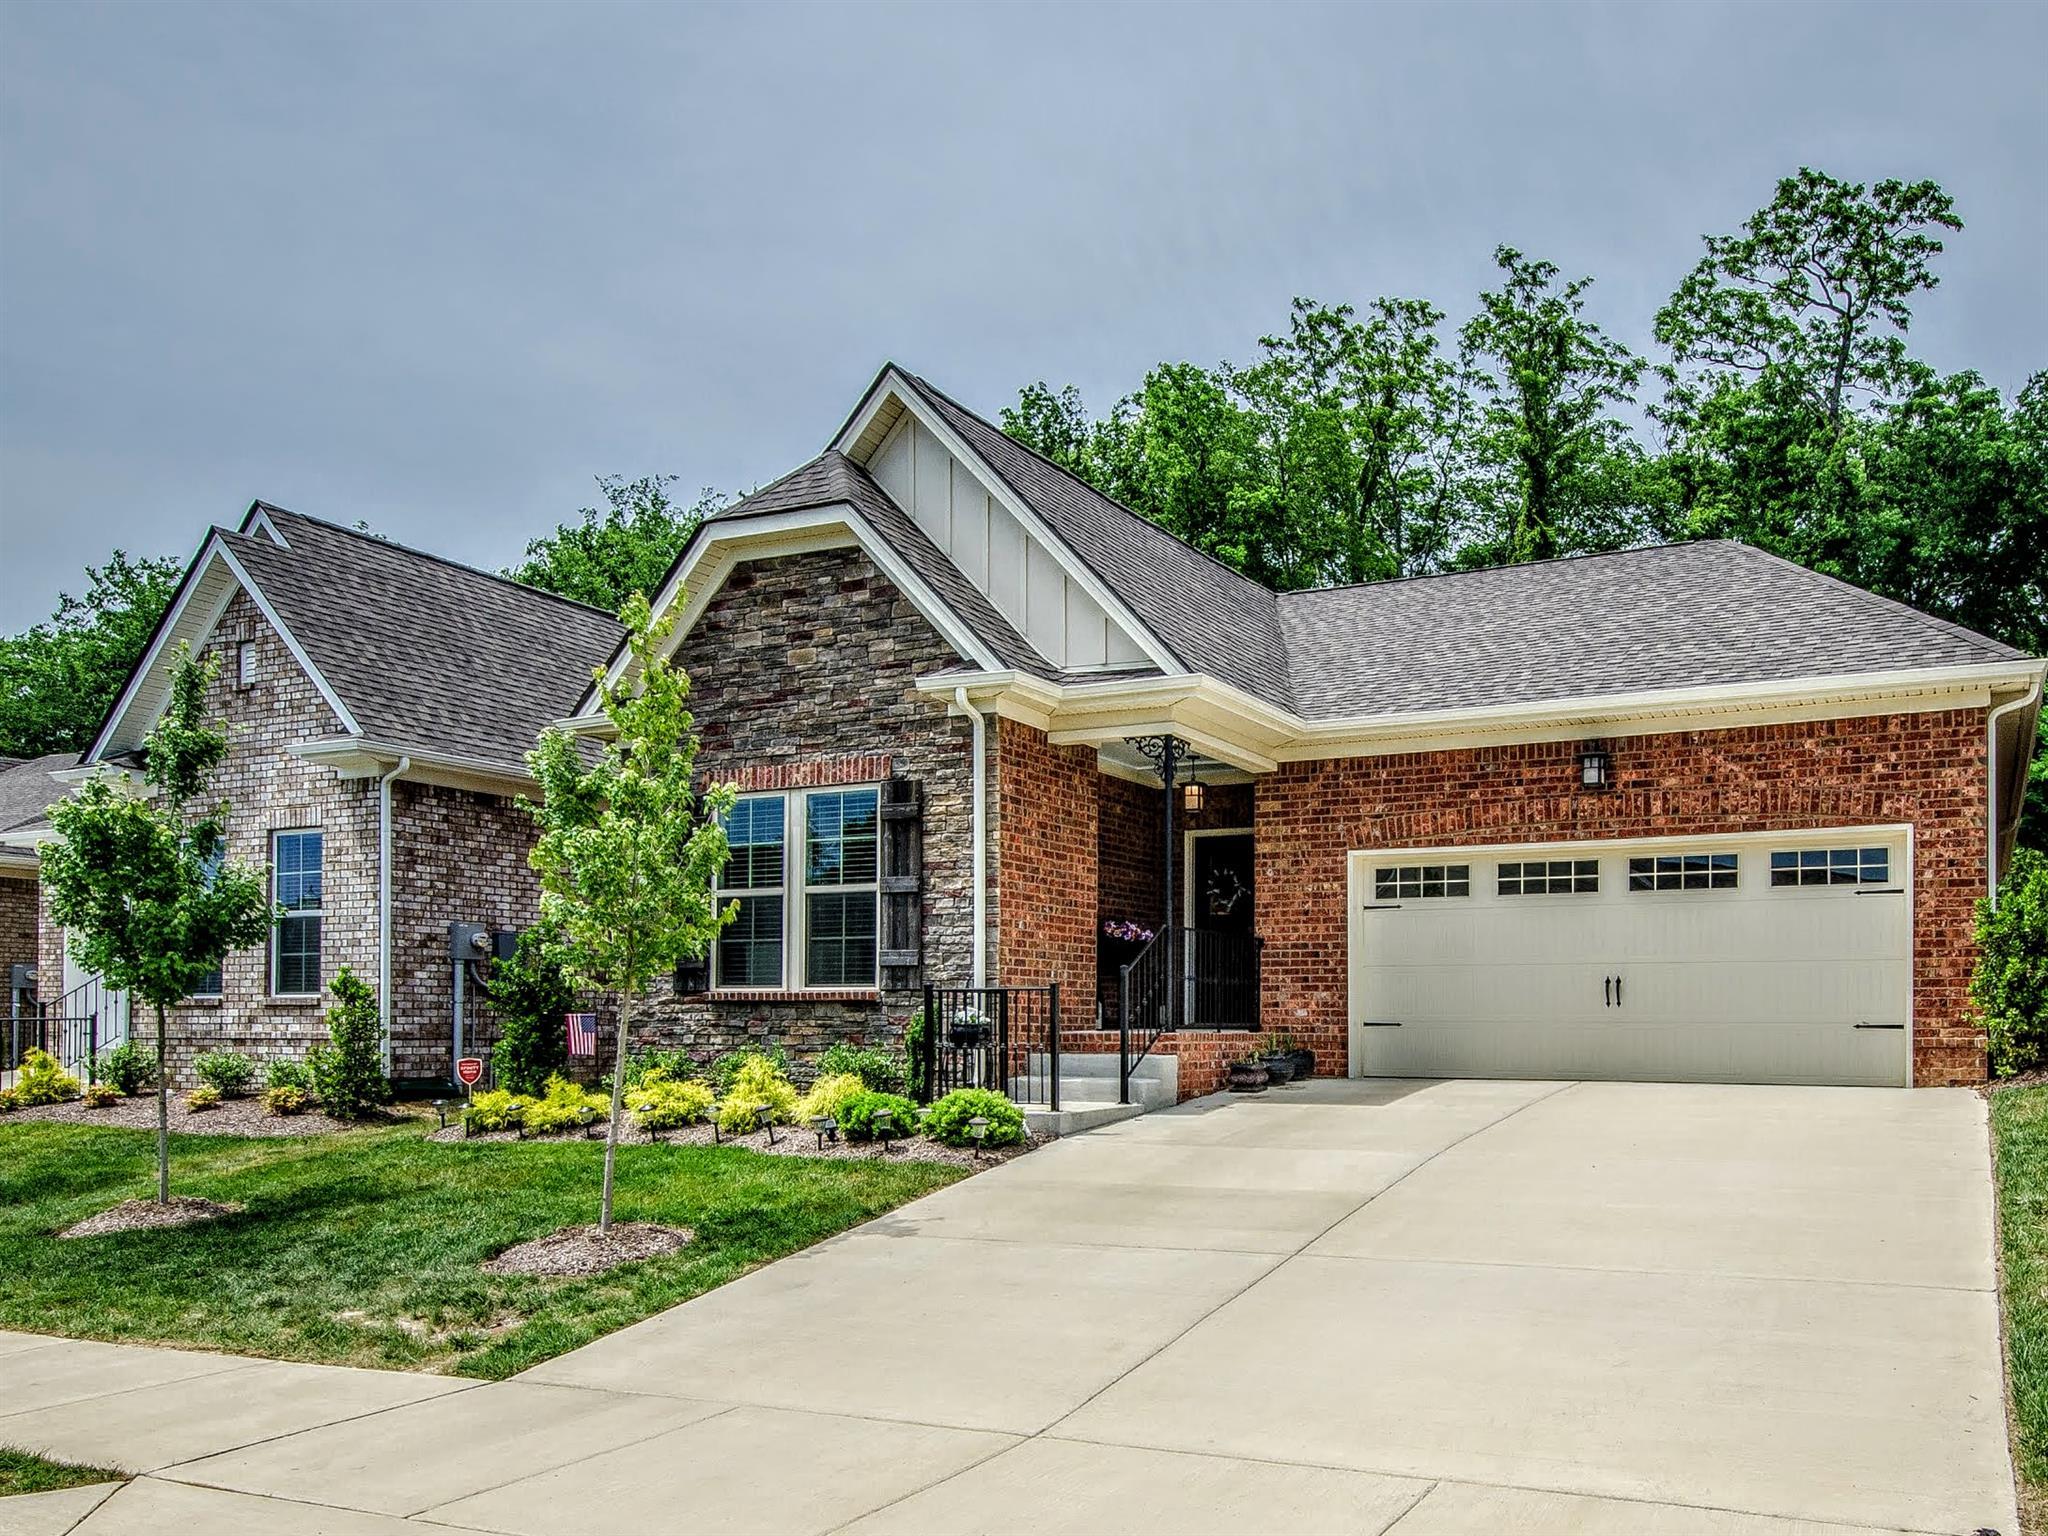 908 Springlane Dr, Nolensville, TN 37135 - Nolensville, TN real estate listing